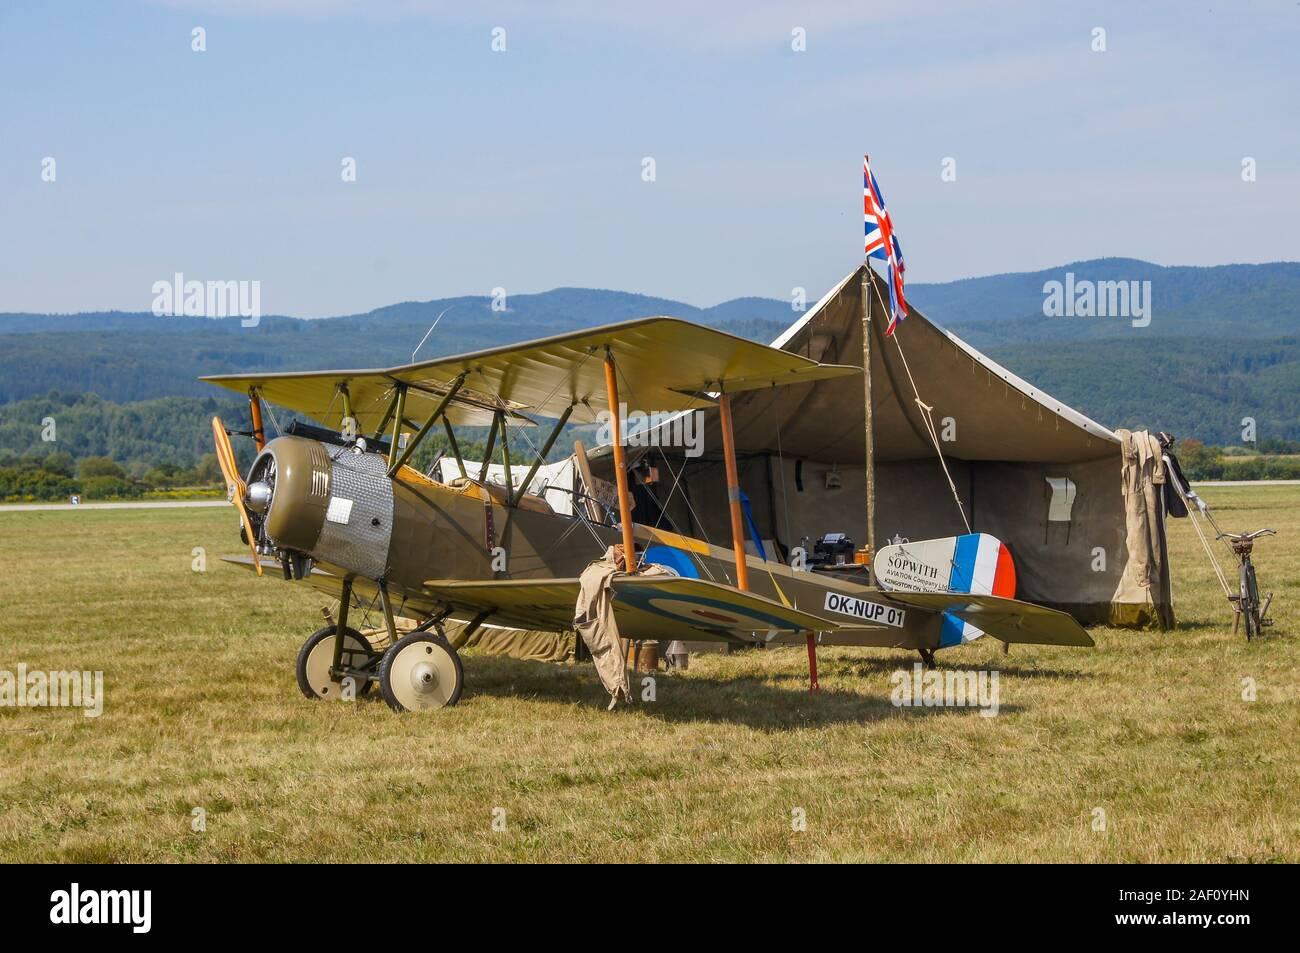 La Sopwith 1 1/2 Strutter coupe par la tente militaire.. Fahi Airhow, Sliac Slovaquie, 2017 Banque D'Images